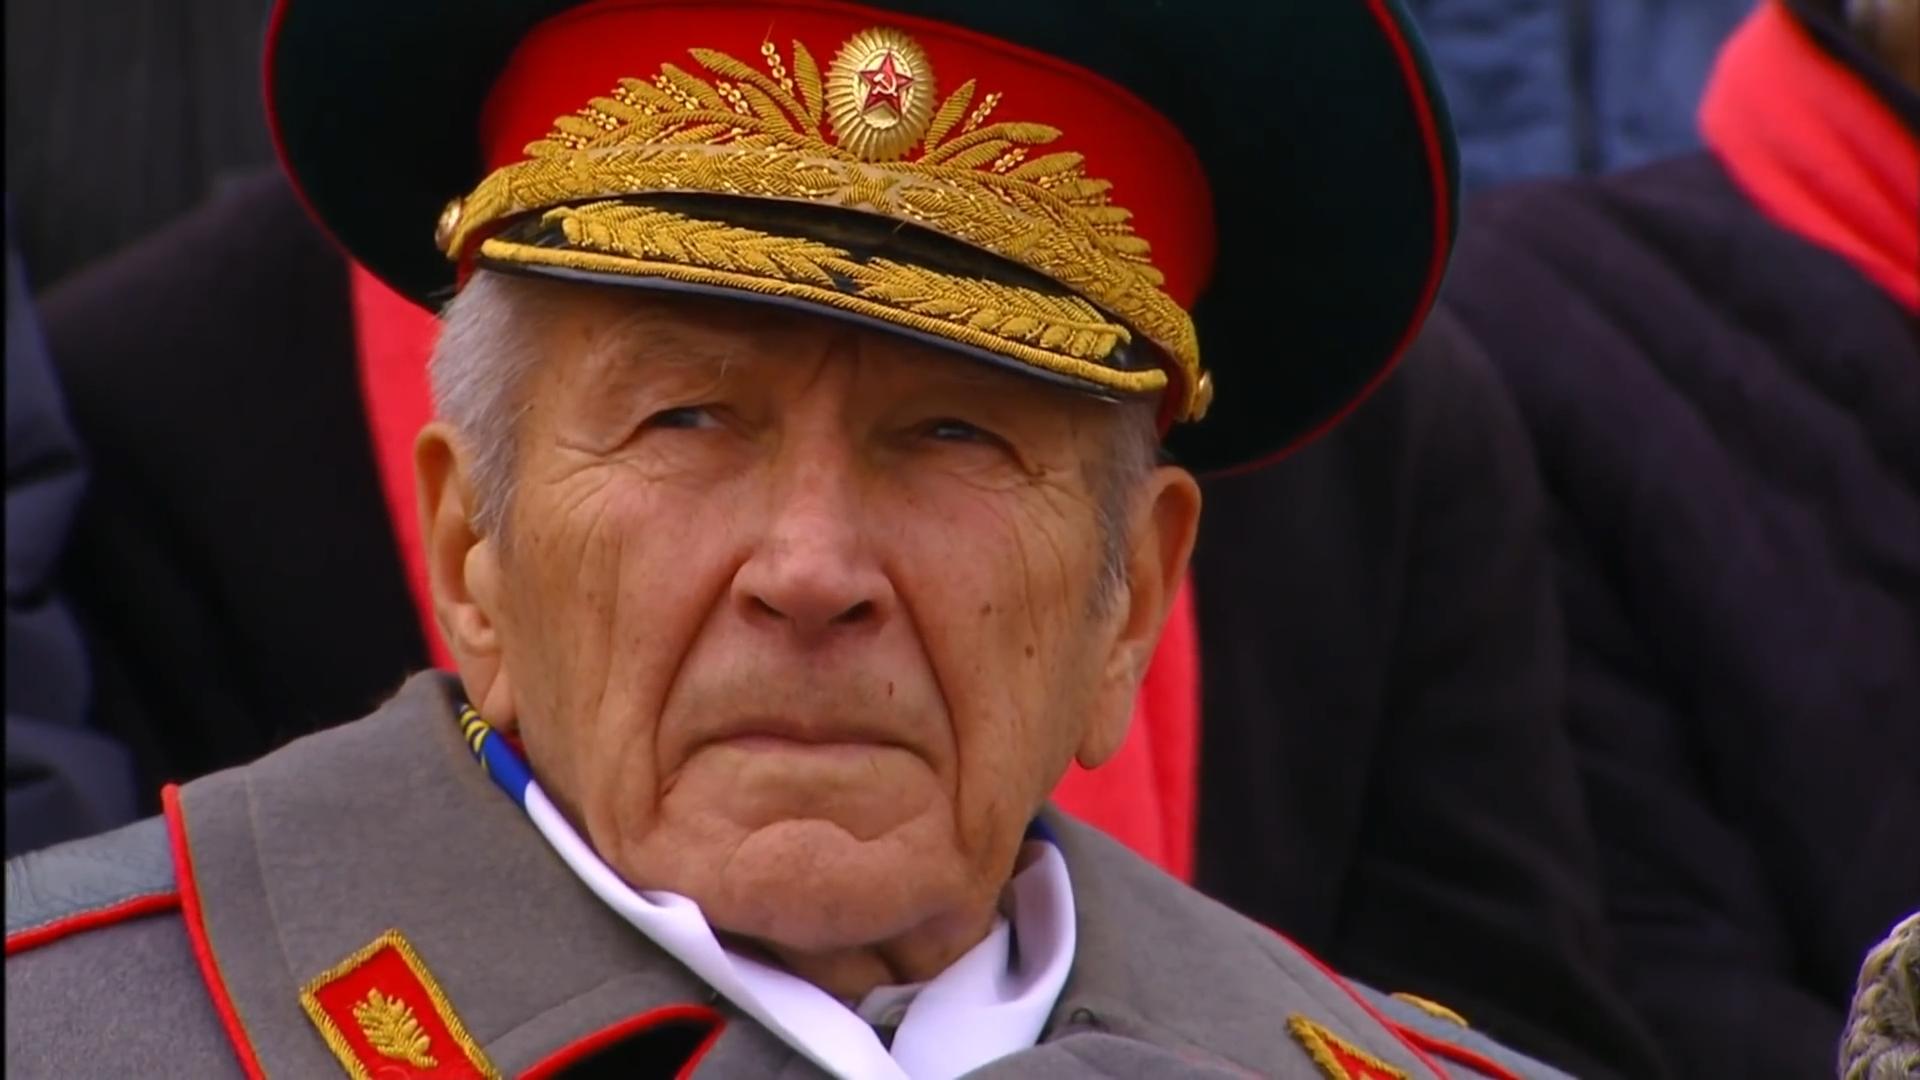 63-Марш в честь годовщины парада на Красной площади 1941-го года в Москве. Прямая трансляция